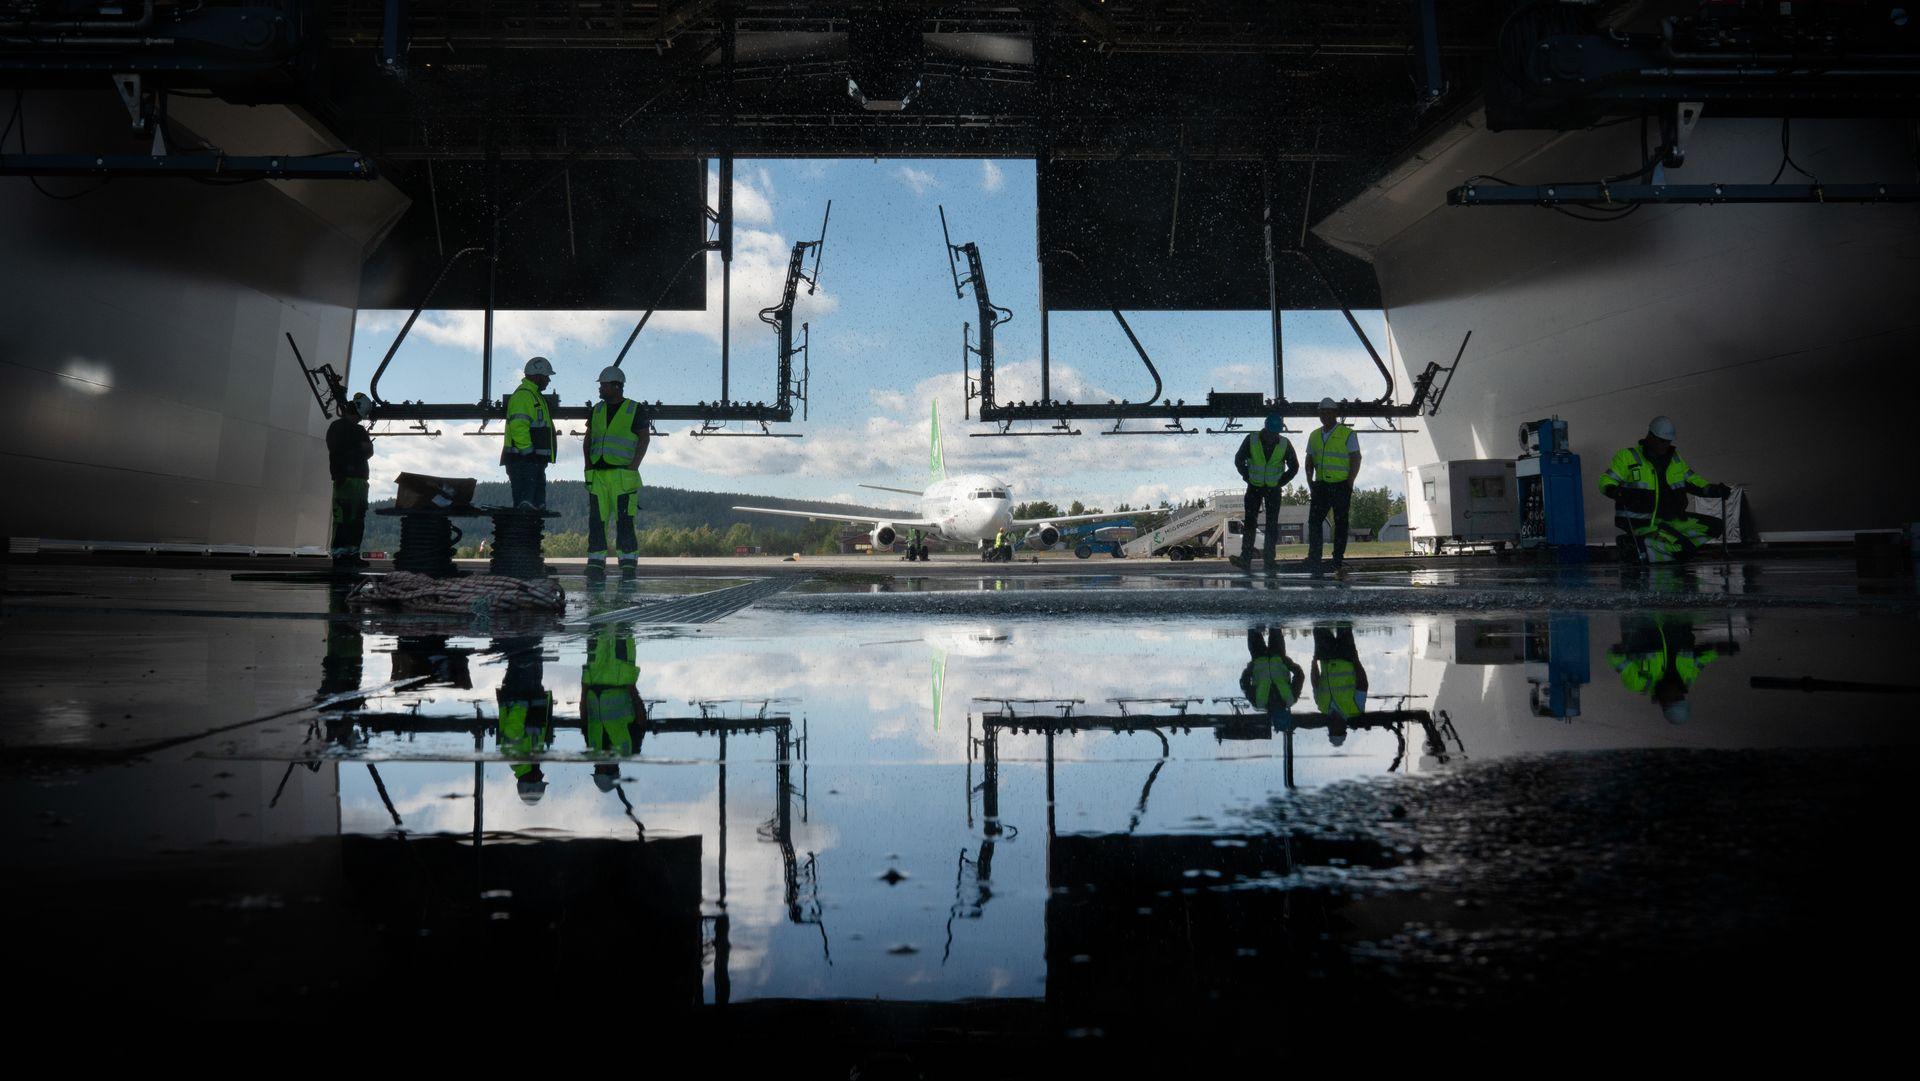 Verdens første vask- og avisingshall for fly står klar på Skien lufthavn, Geitryggen.